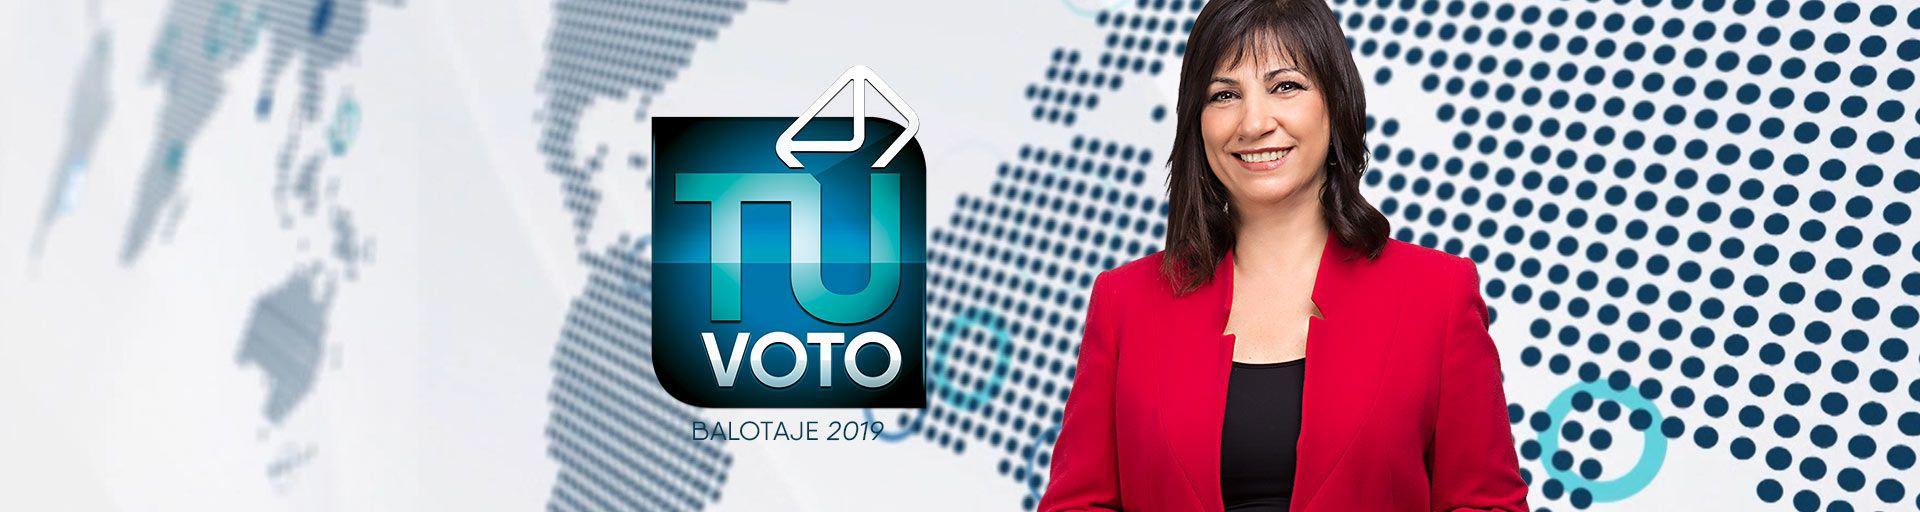 TU VOTO - ELECCIONES 2019